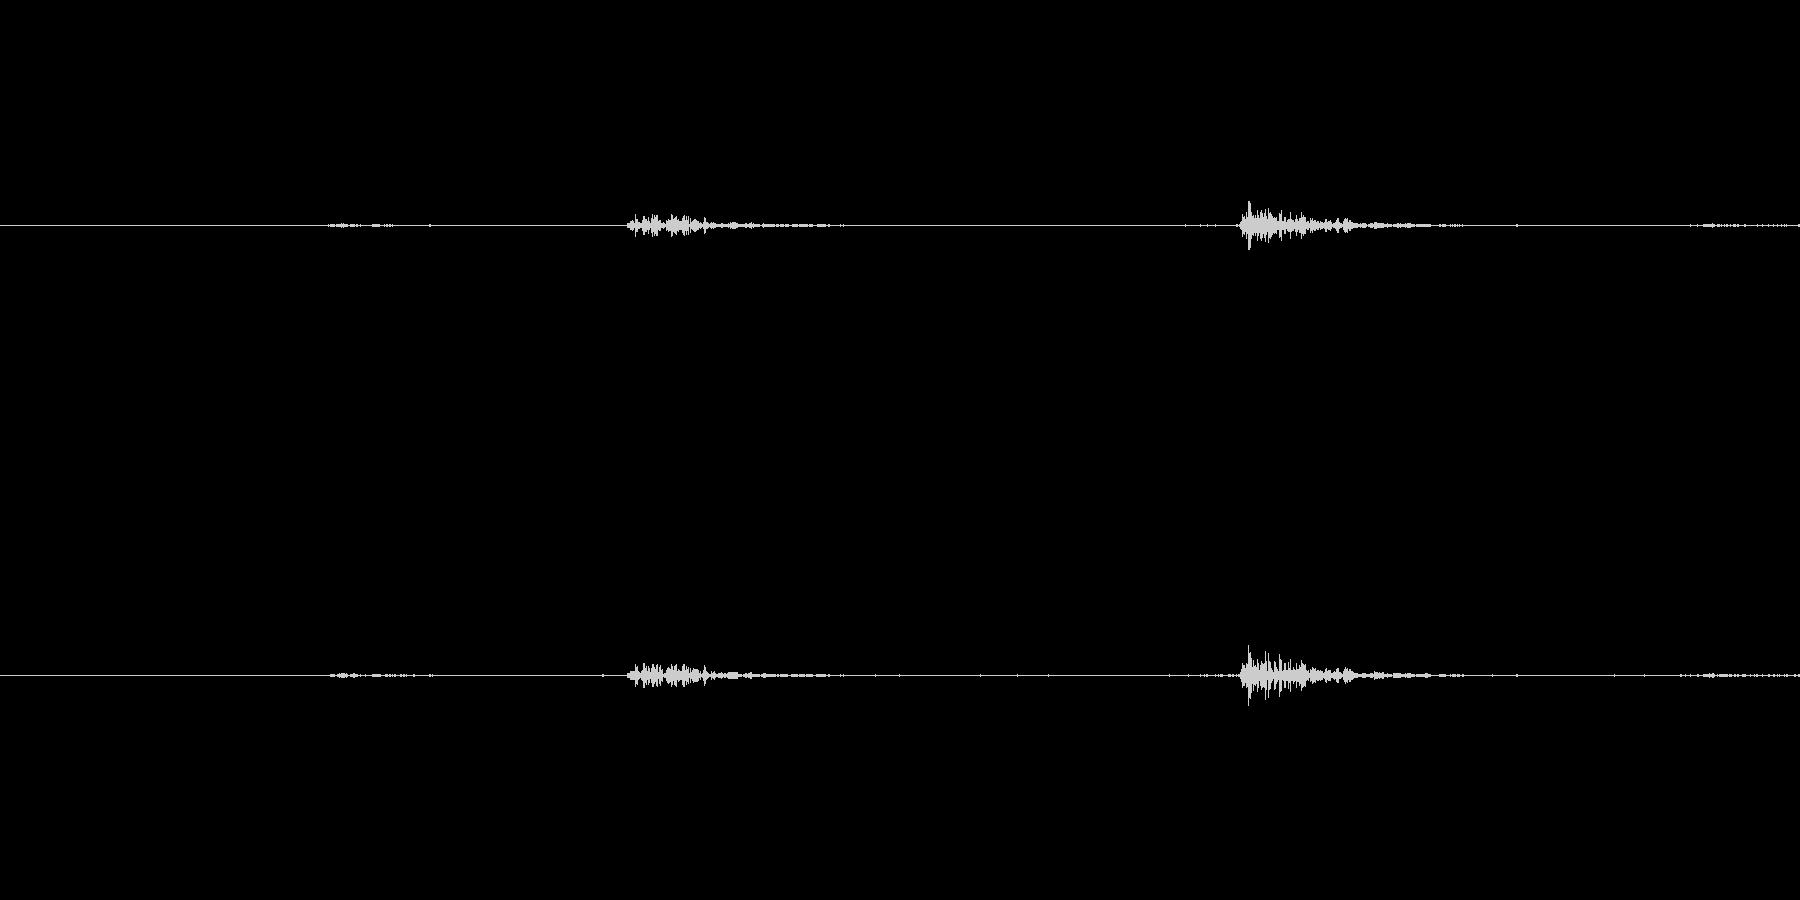 鍋から出る金属音ですの未再生の波形